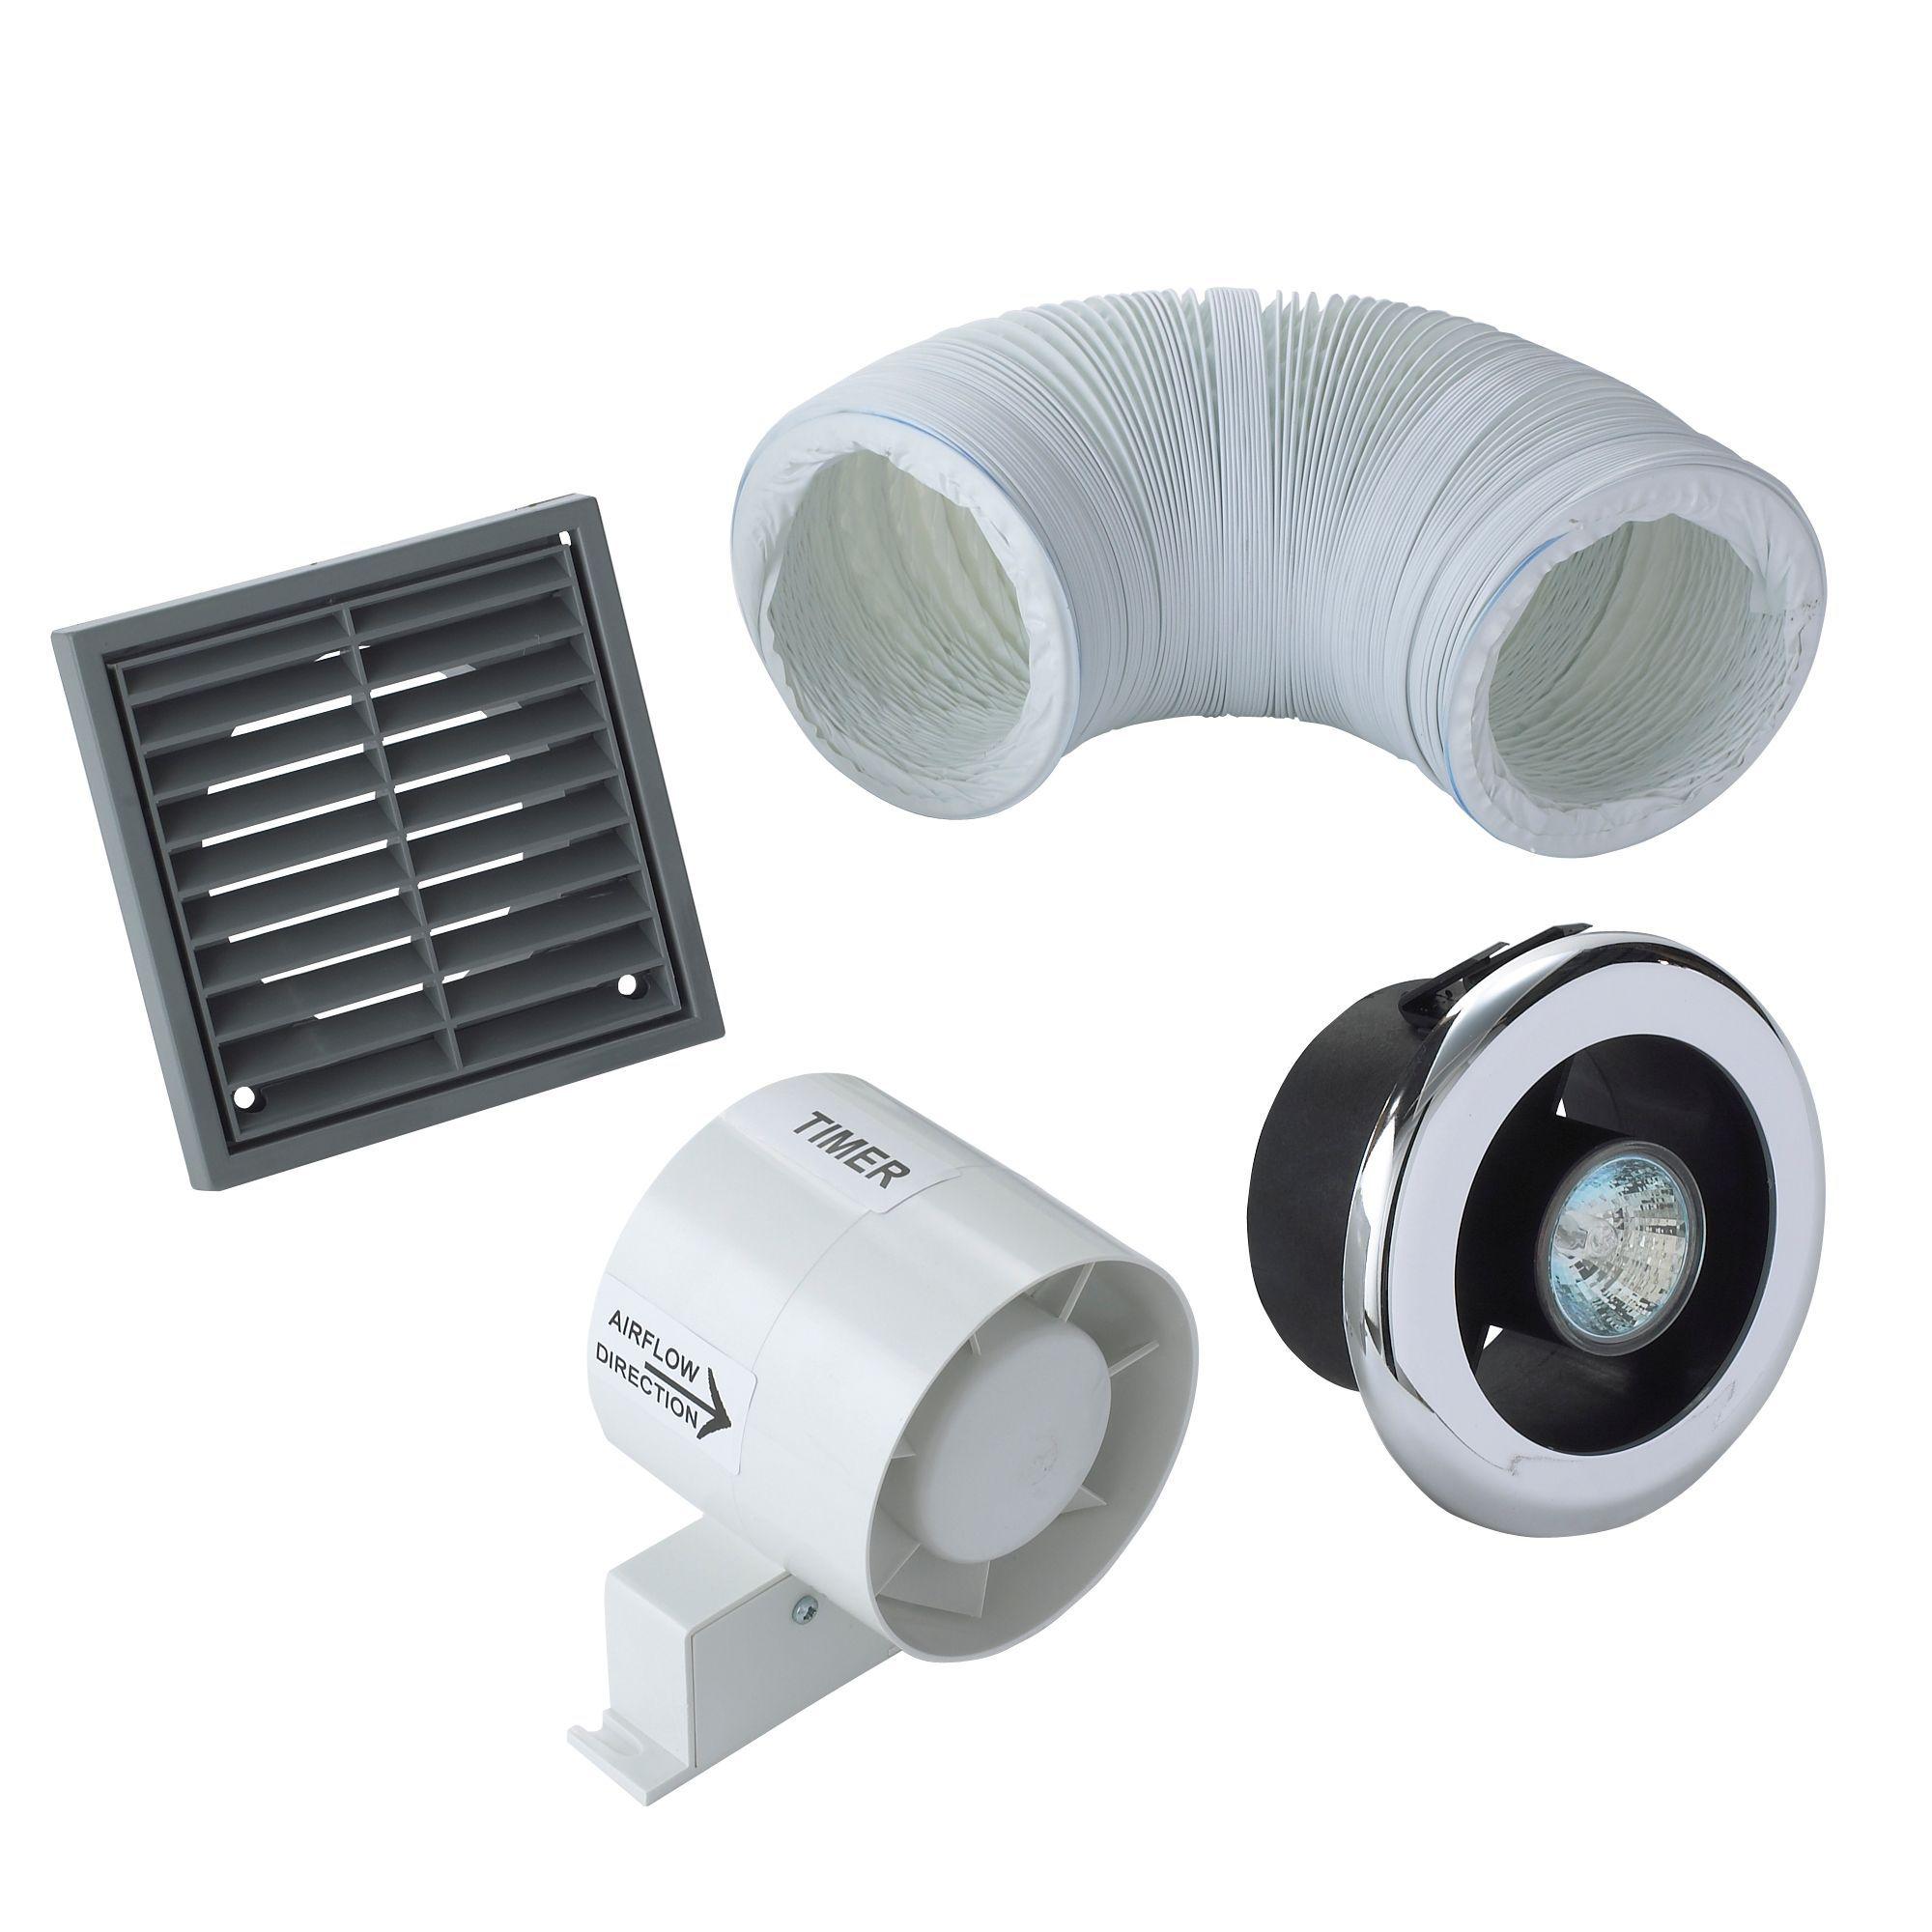 Manrose Vdisl100t Shower Light Bathroom Extractor Fan Kit With Timer (d)98mm